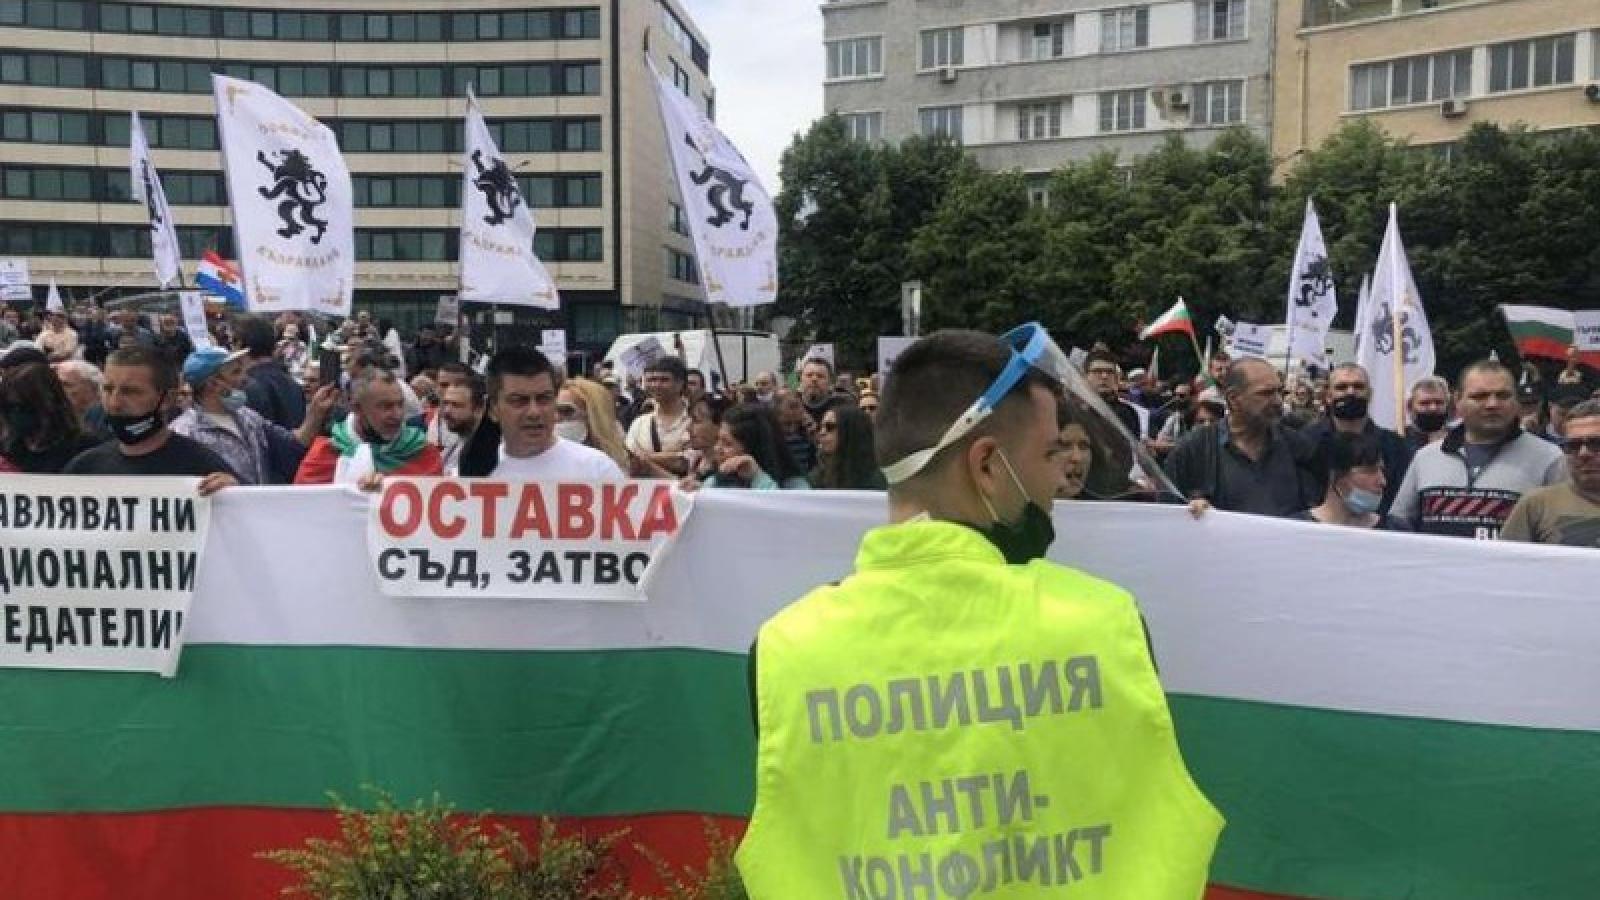 Gần 2.000 người biểu tình ở thủ đô của Bulgaria phản đối lệnh hạn chế